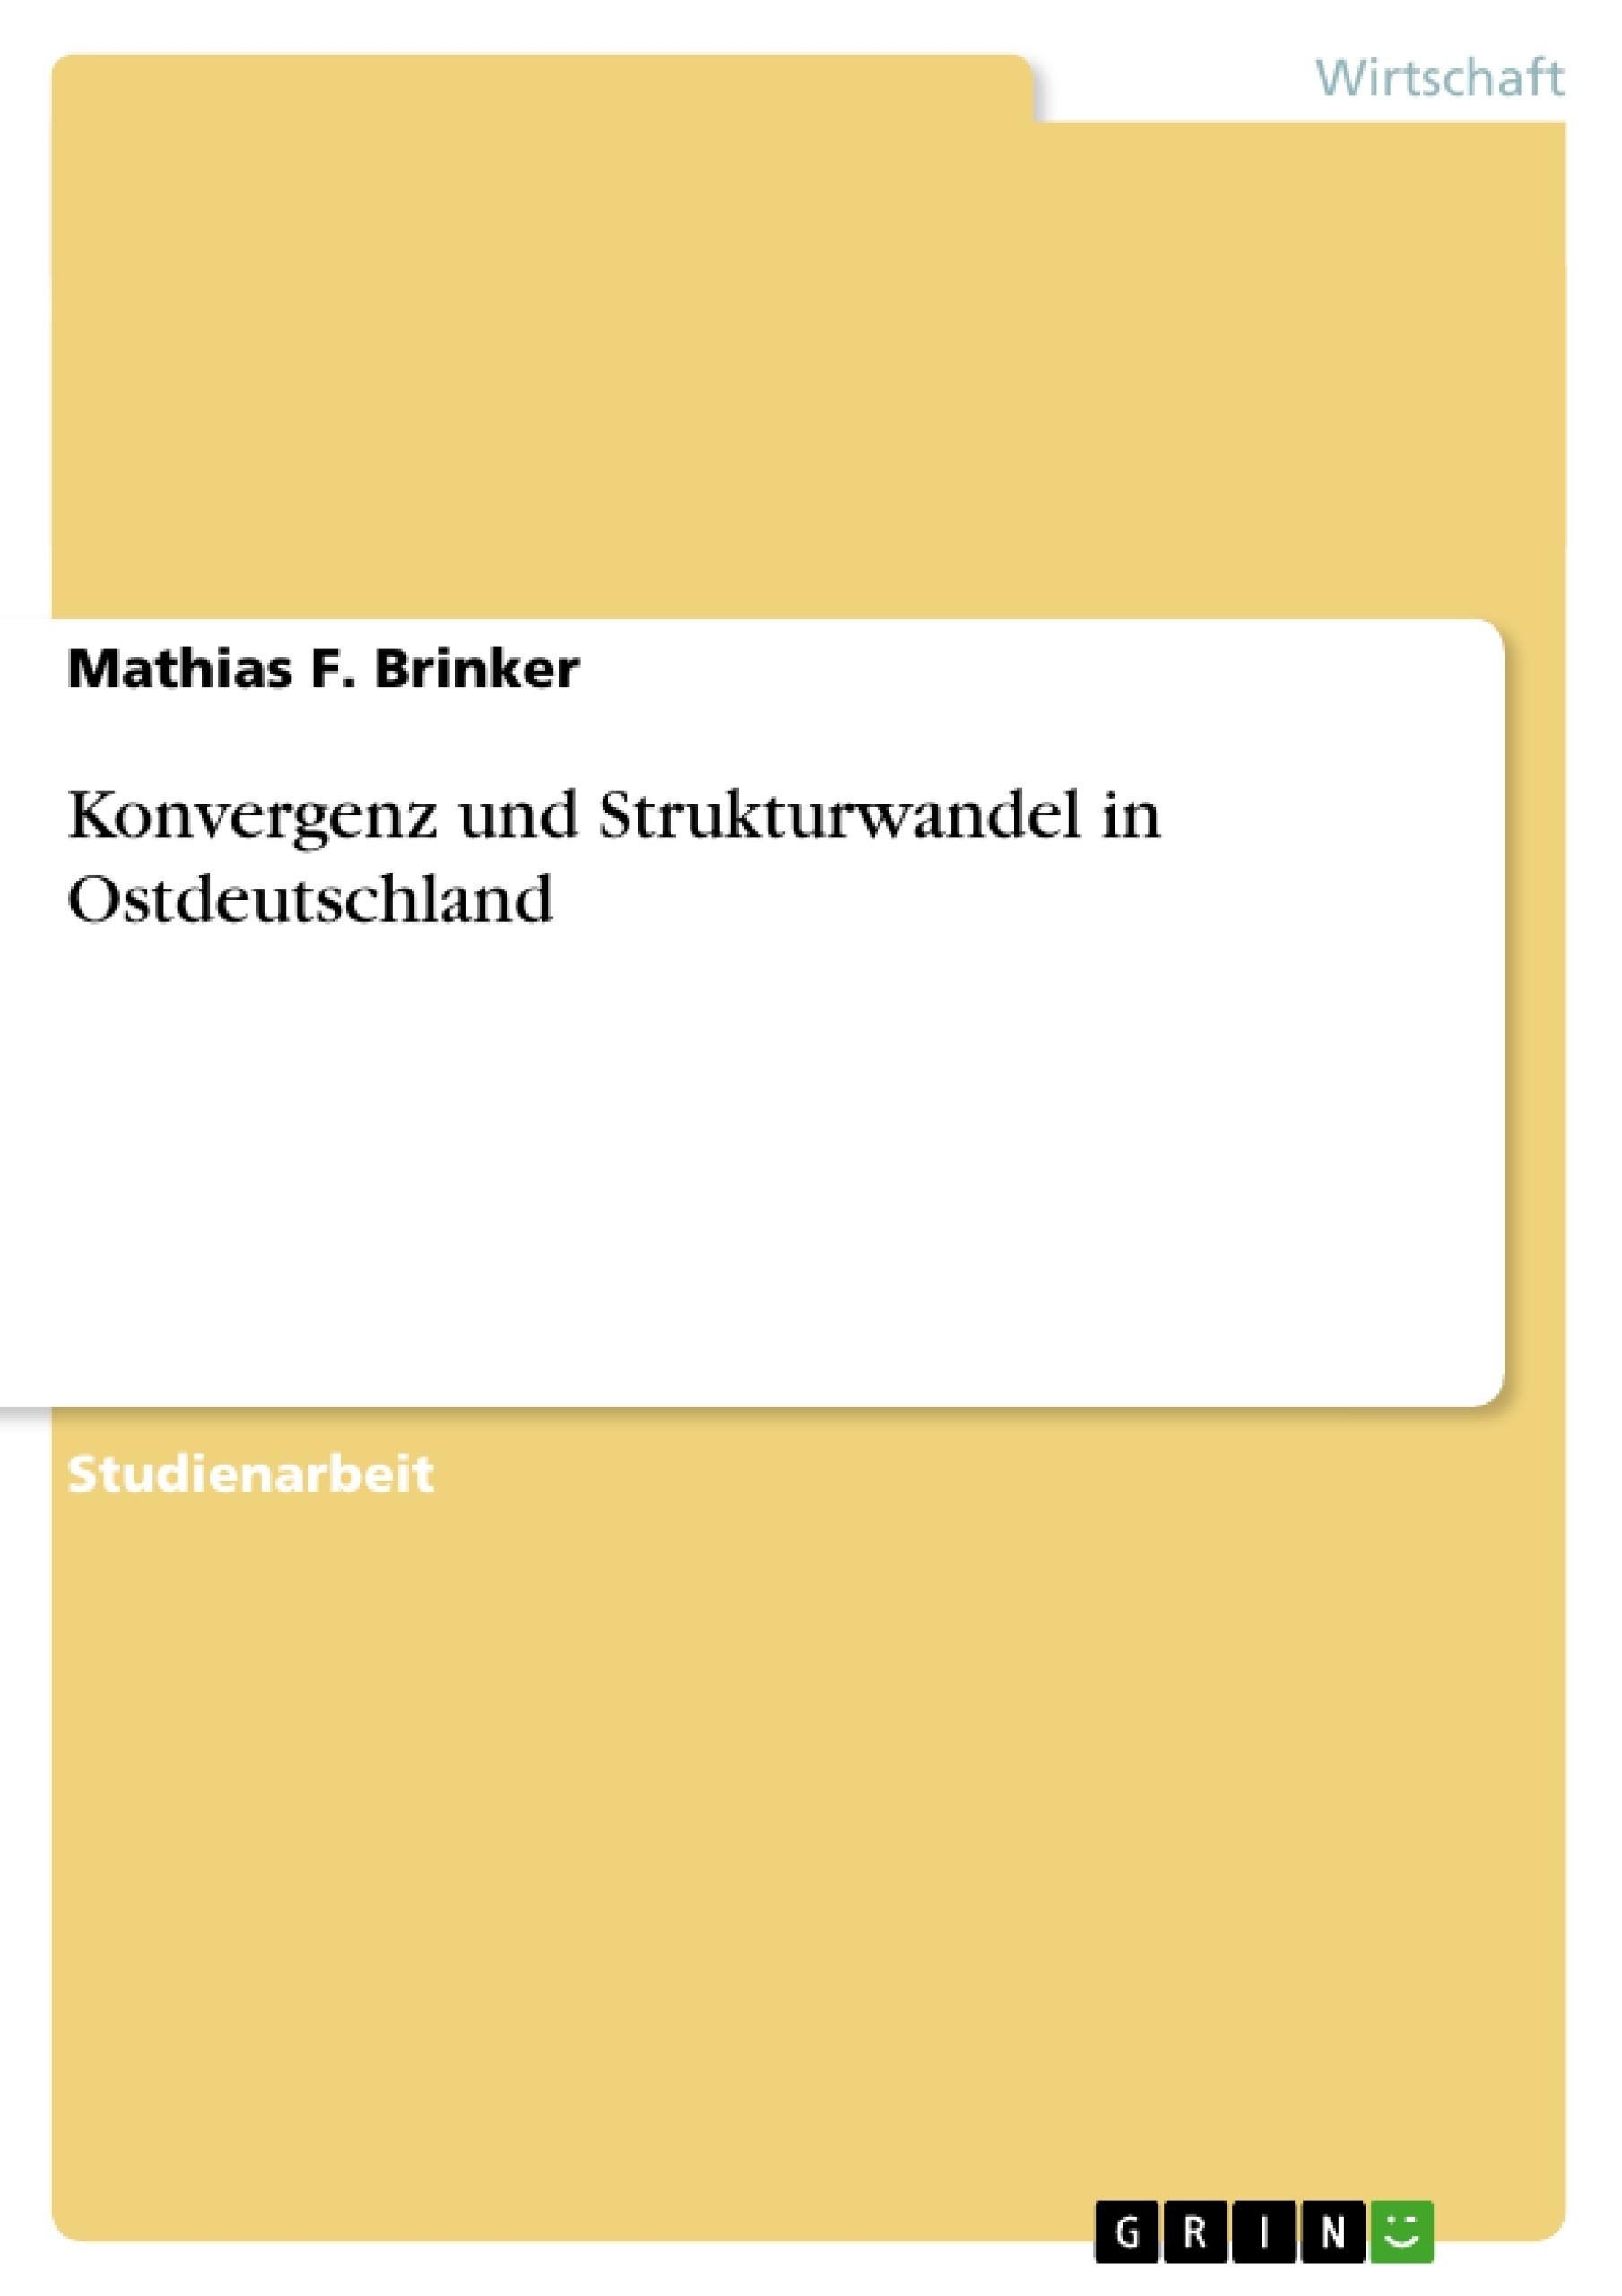 Titel: Konvergenz und Strukturwandel in Ostdeutschland